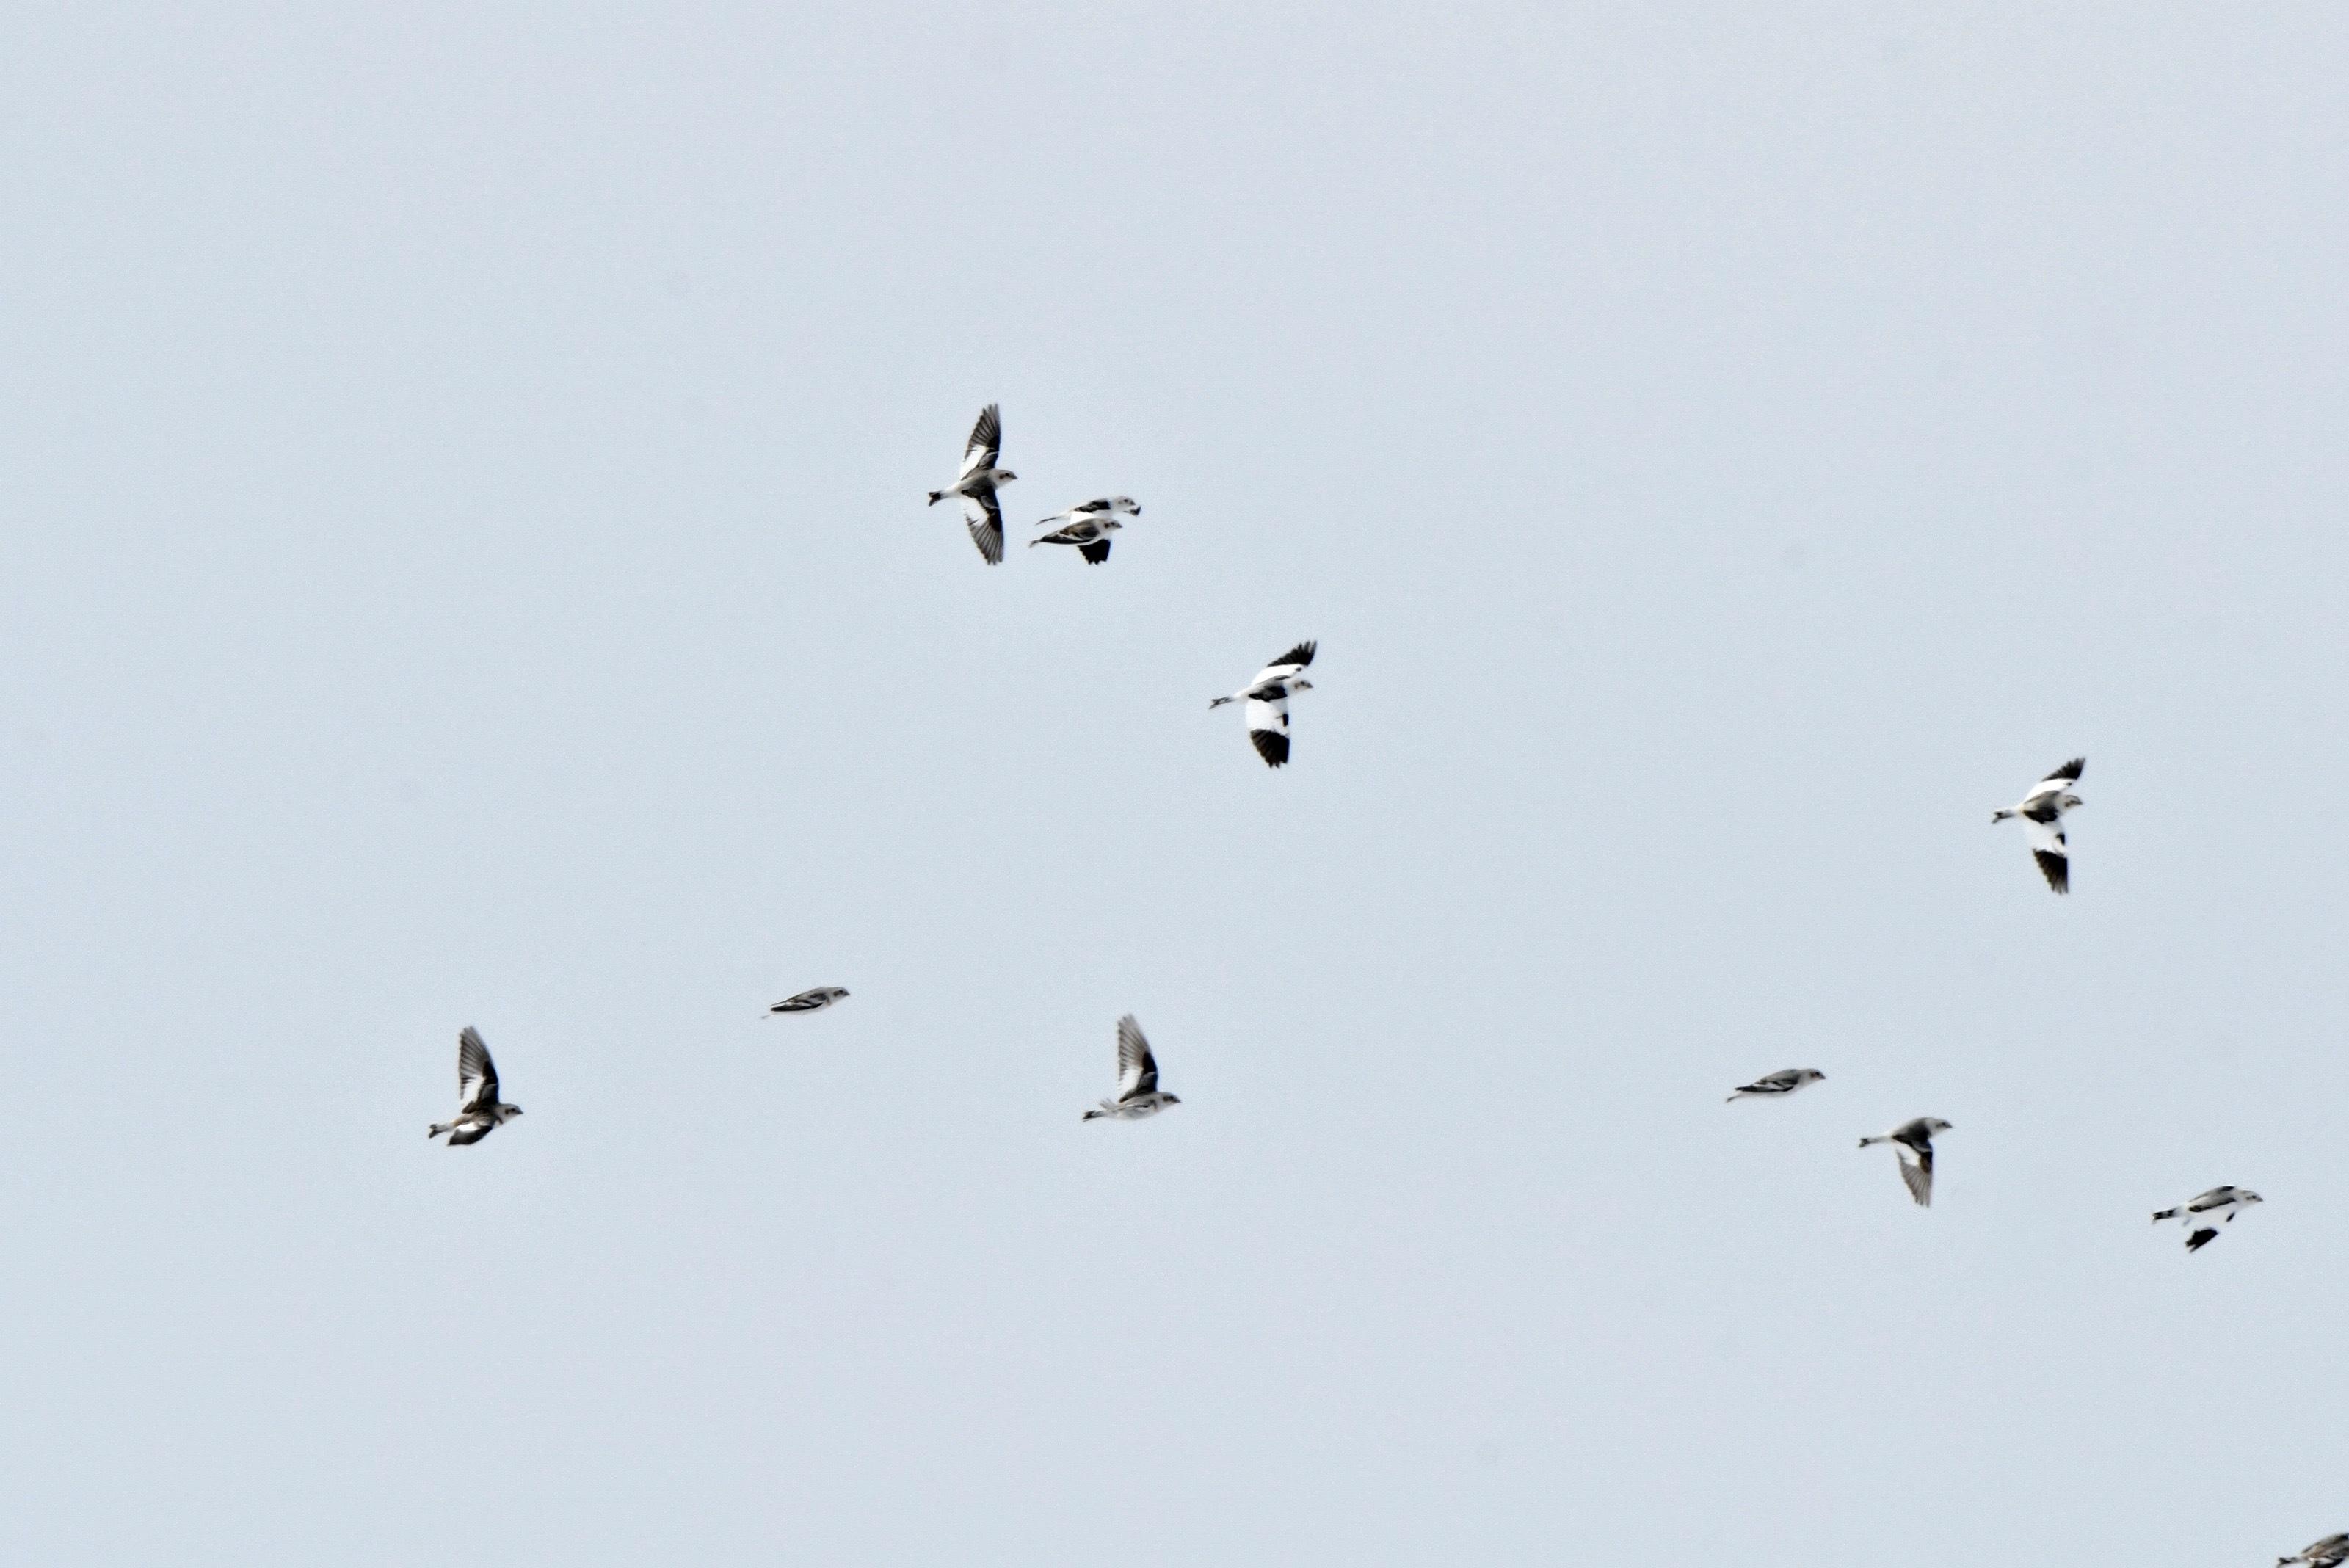 ユキホオジロ群れ飛翔